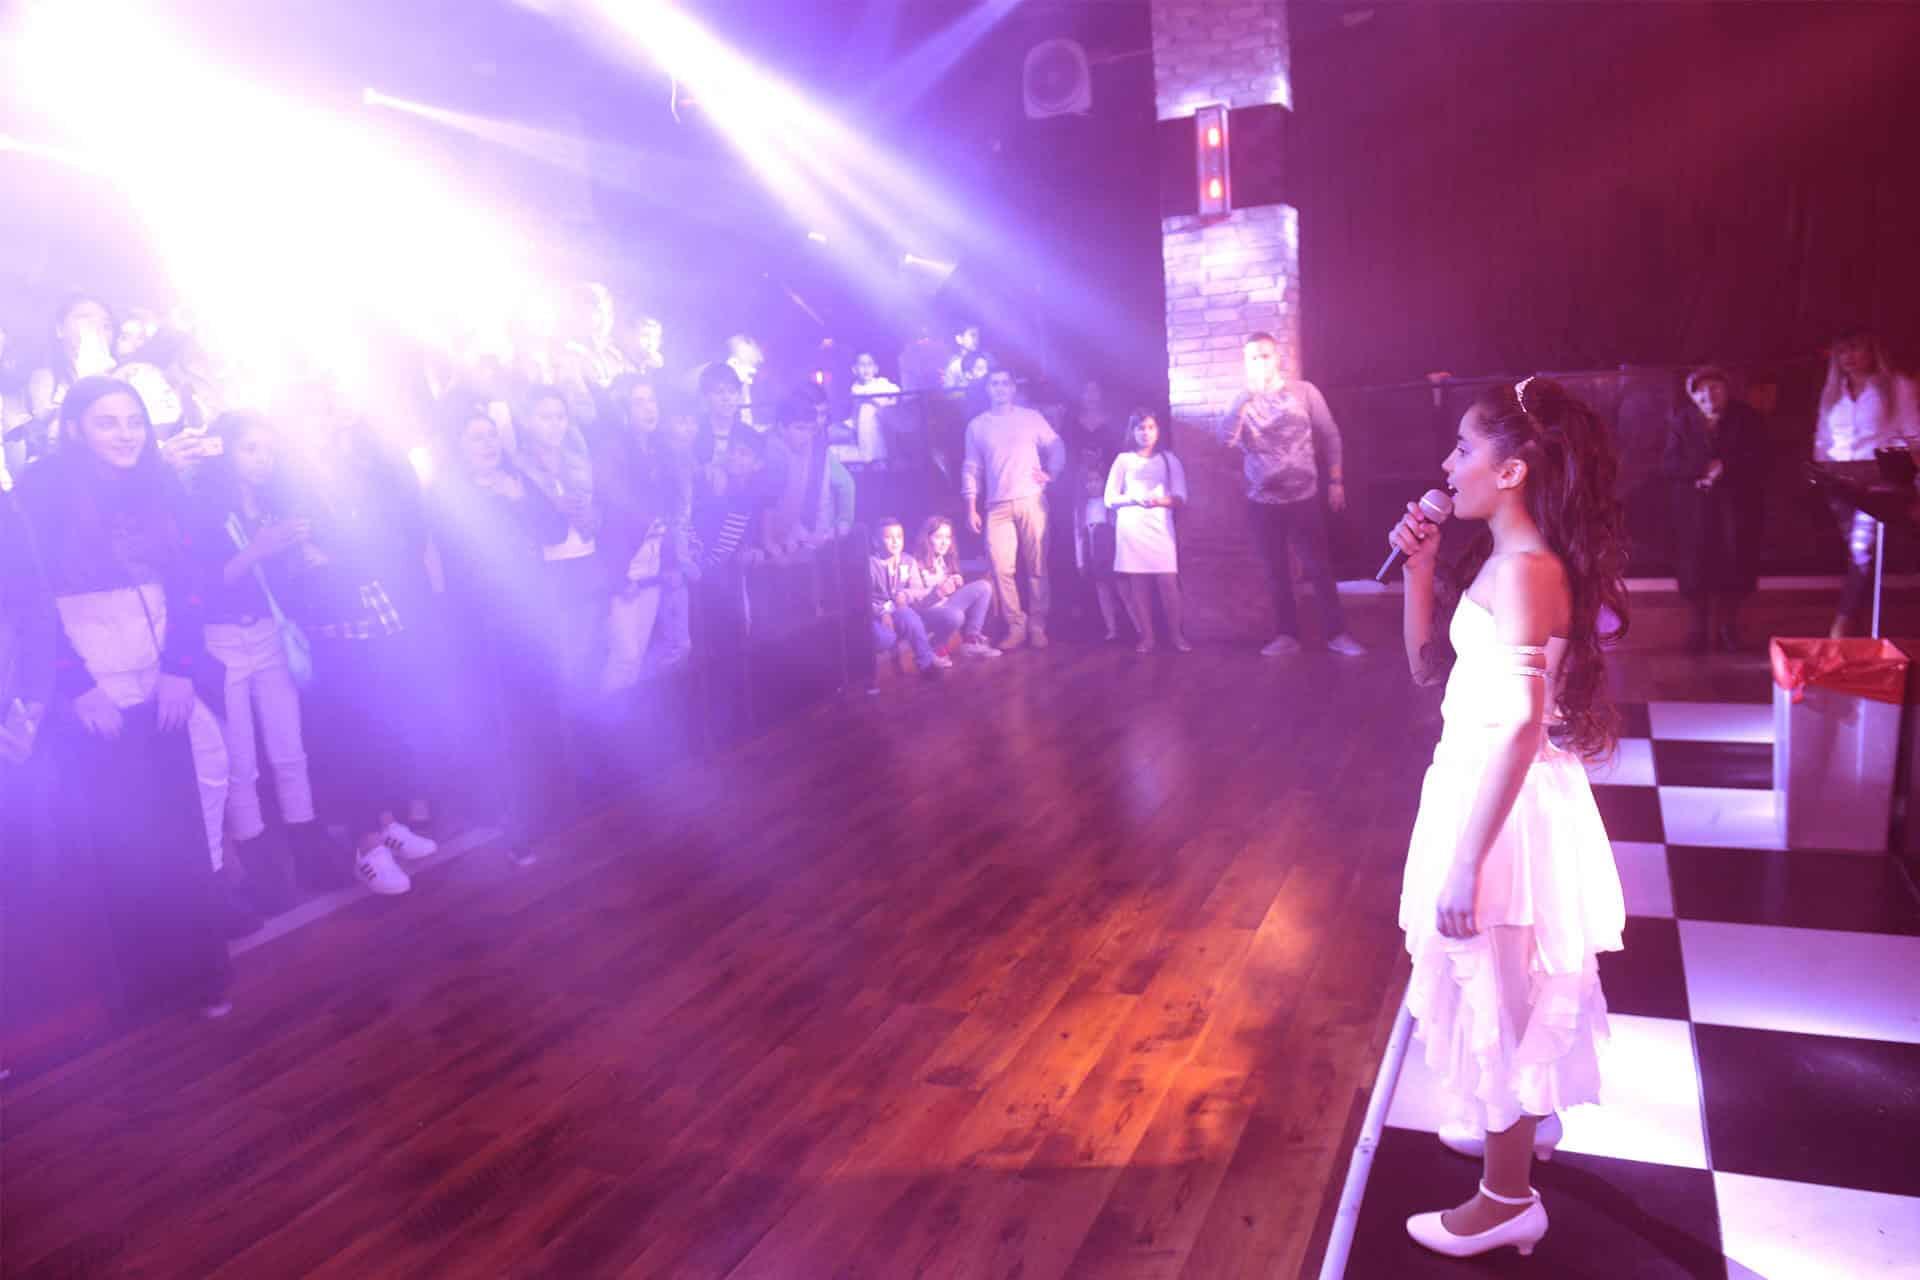 תמונה של ילדה שרה במועדון לבת מצווה